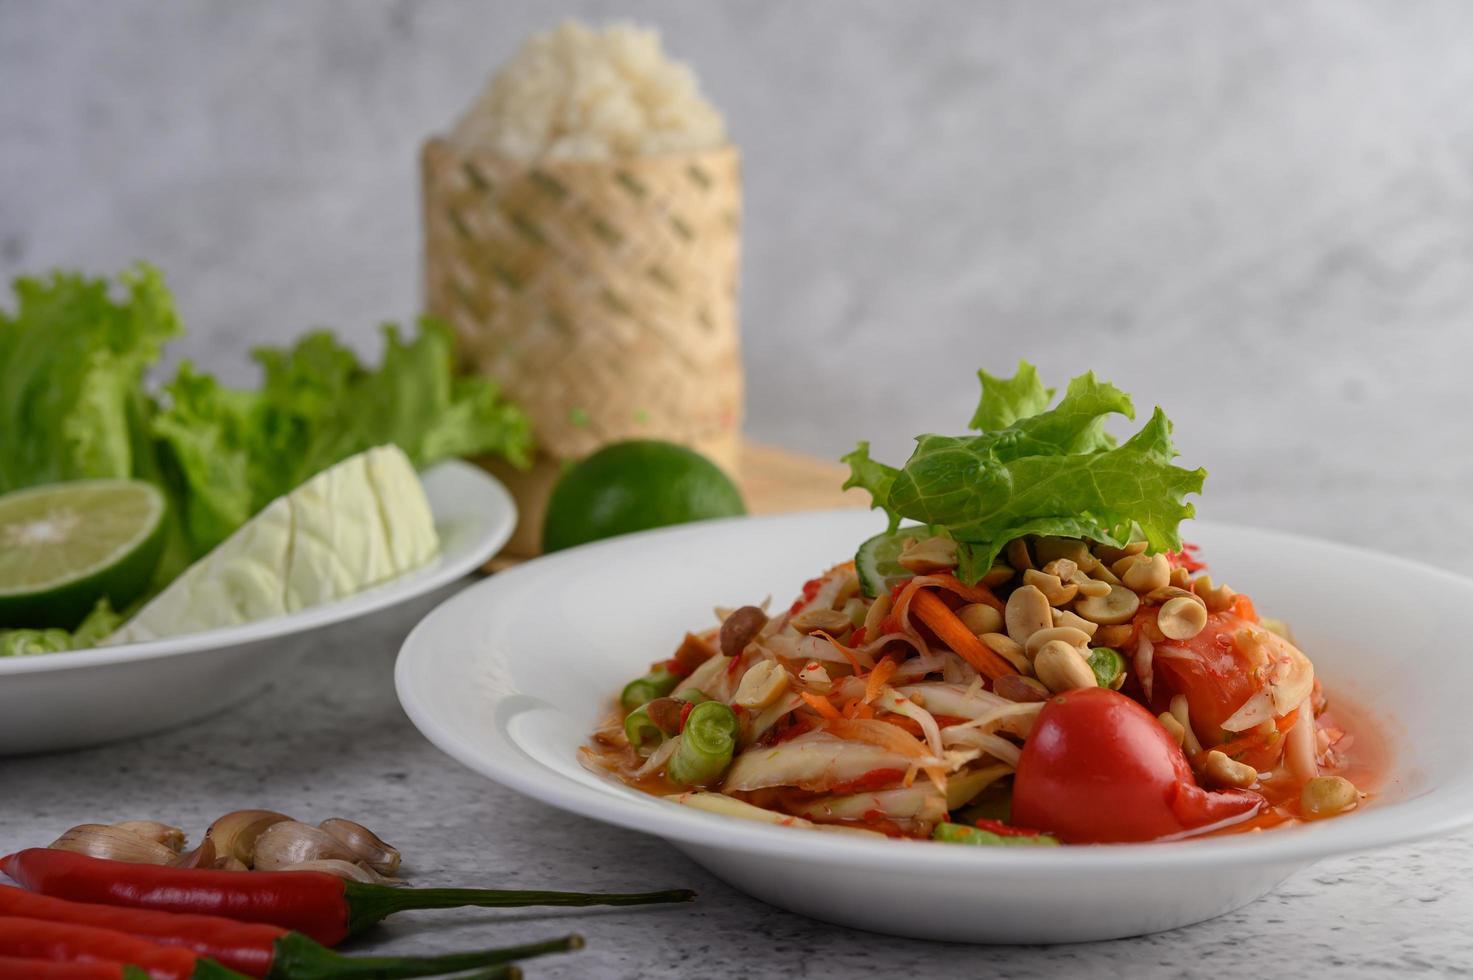 salade de papaye thaï avec collant, citron vert et chili photo